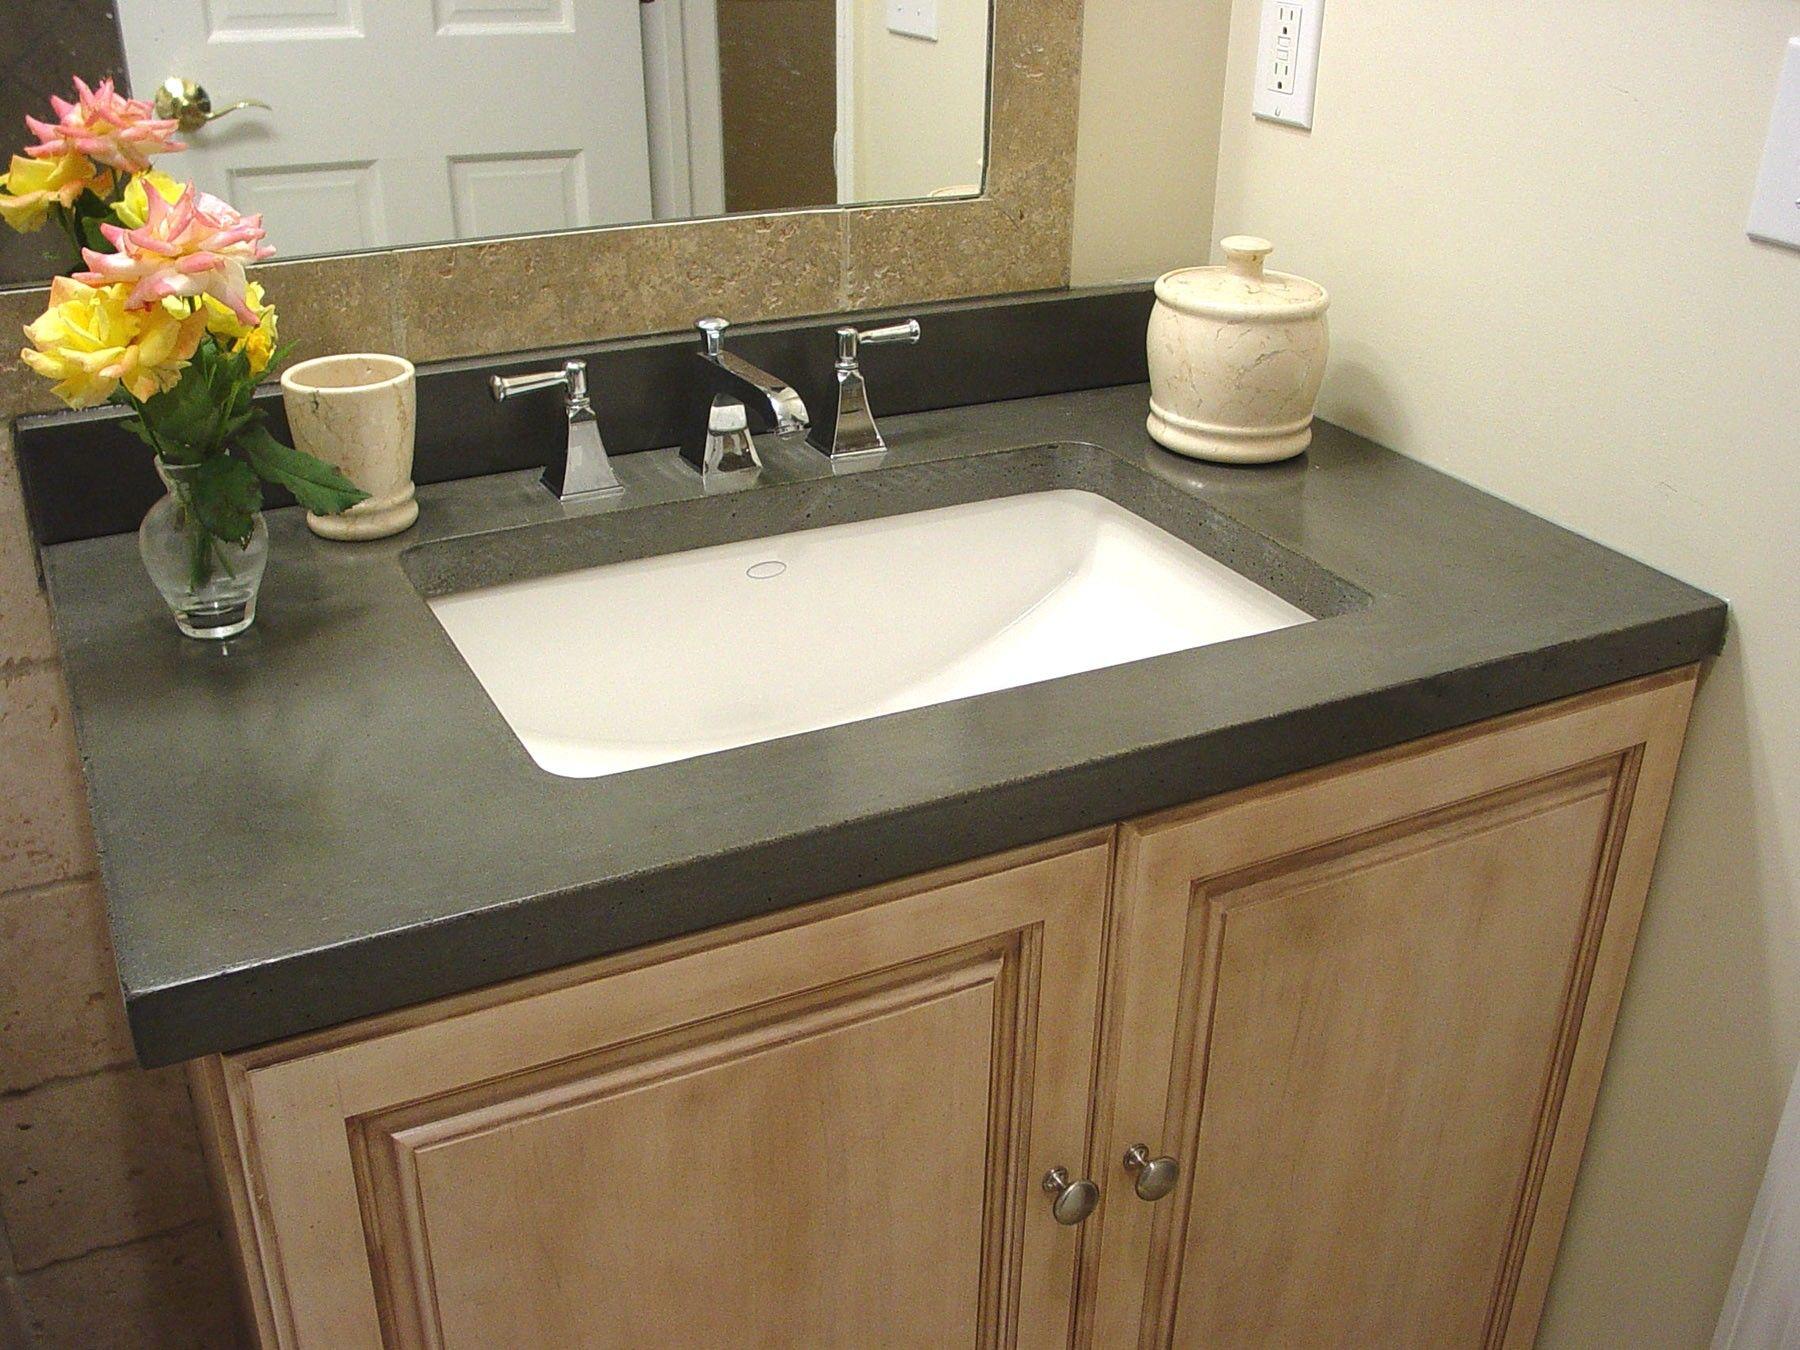 Dark Gray Plain Granite Flat Eased Countertop On Ivory Polished Oak Wood Bathroom Home Depot Bathroom Vanity